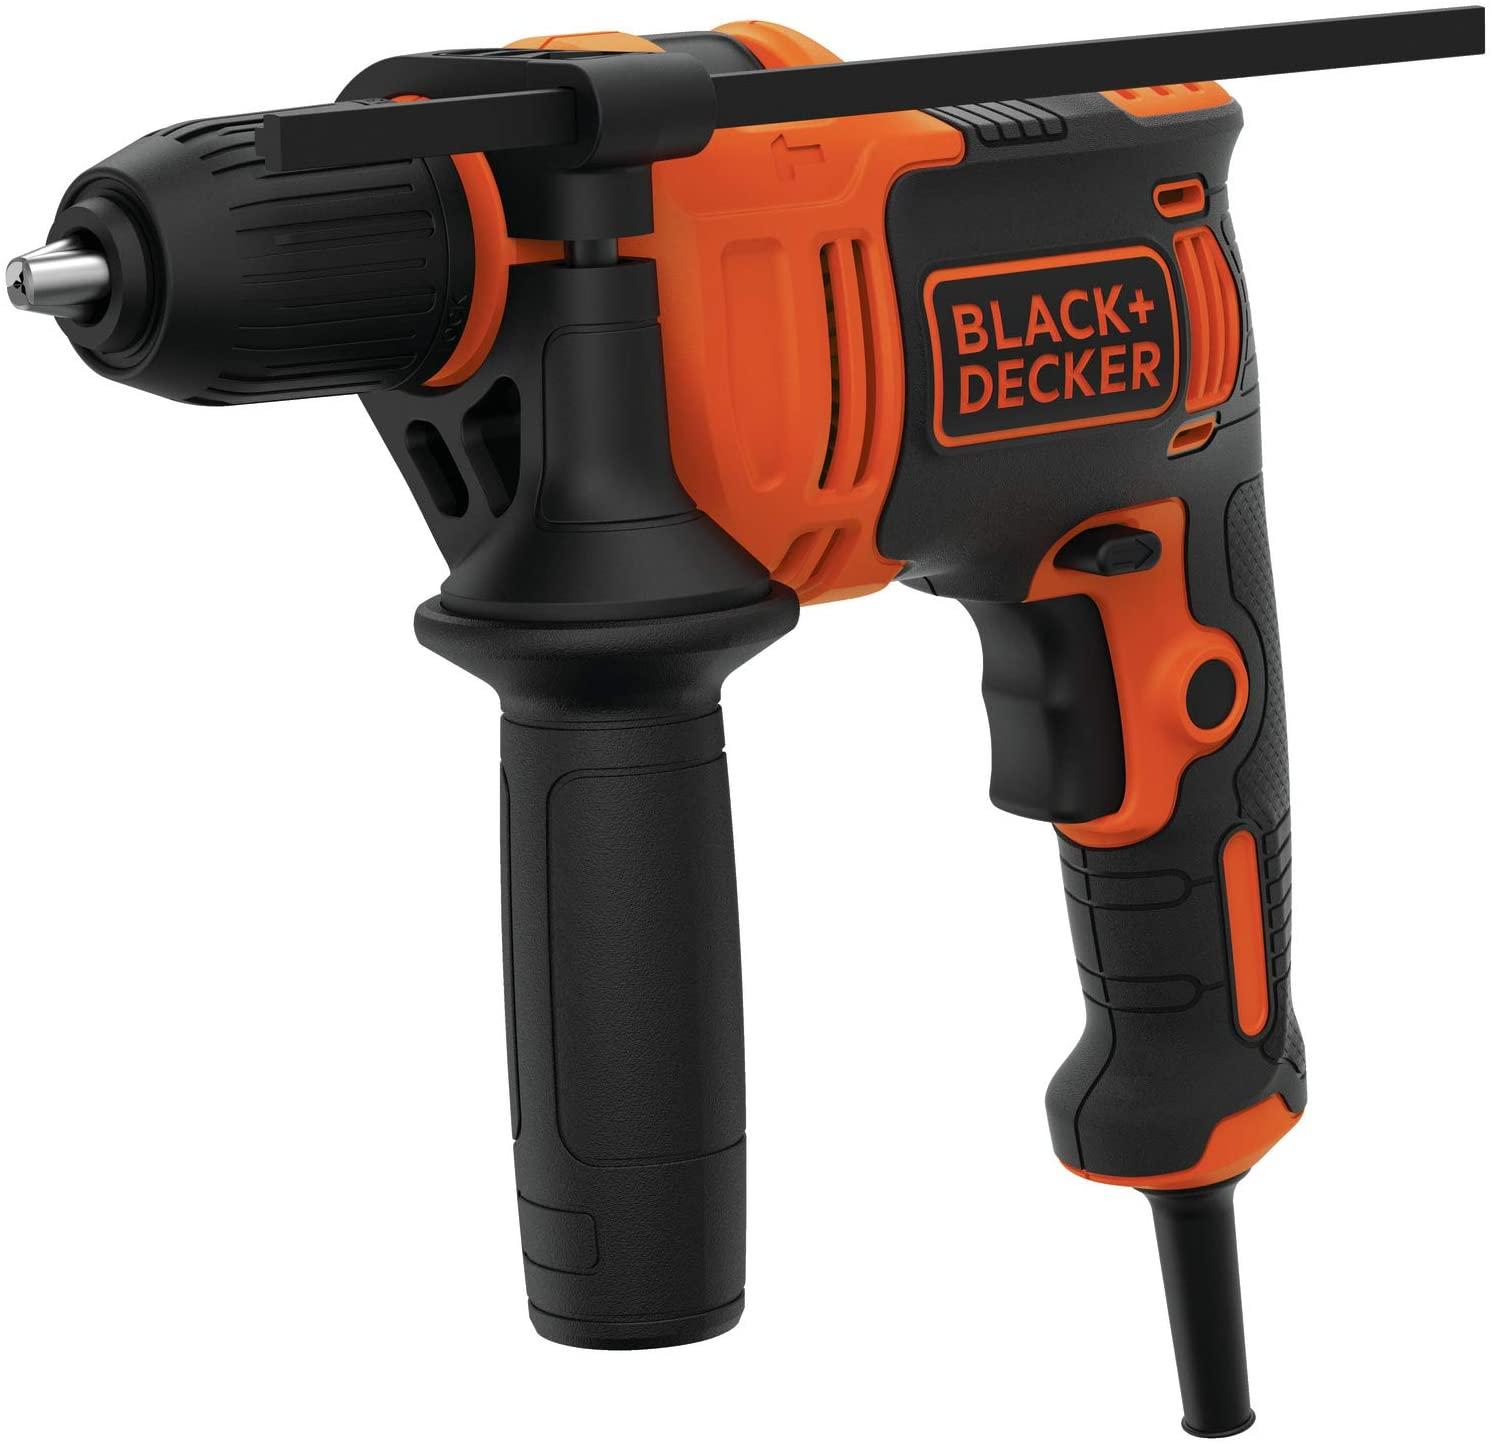 black and decker hammer drill, best power drills